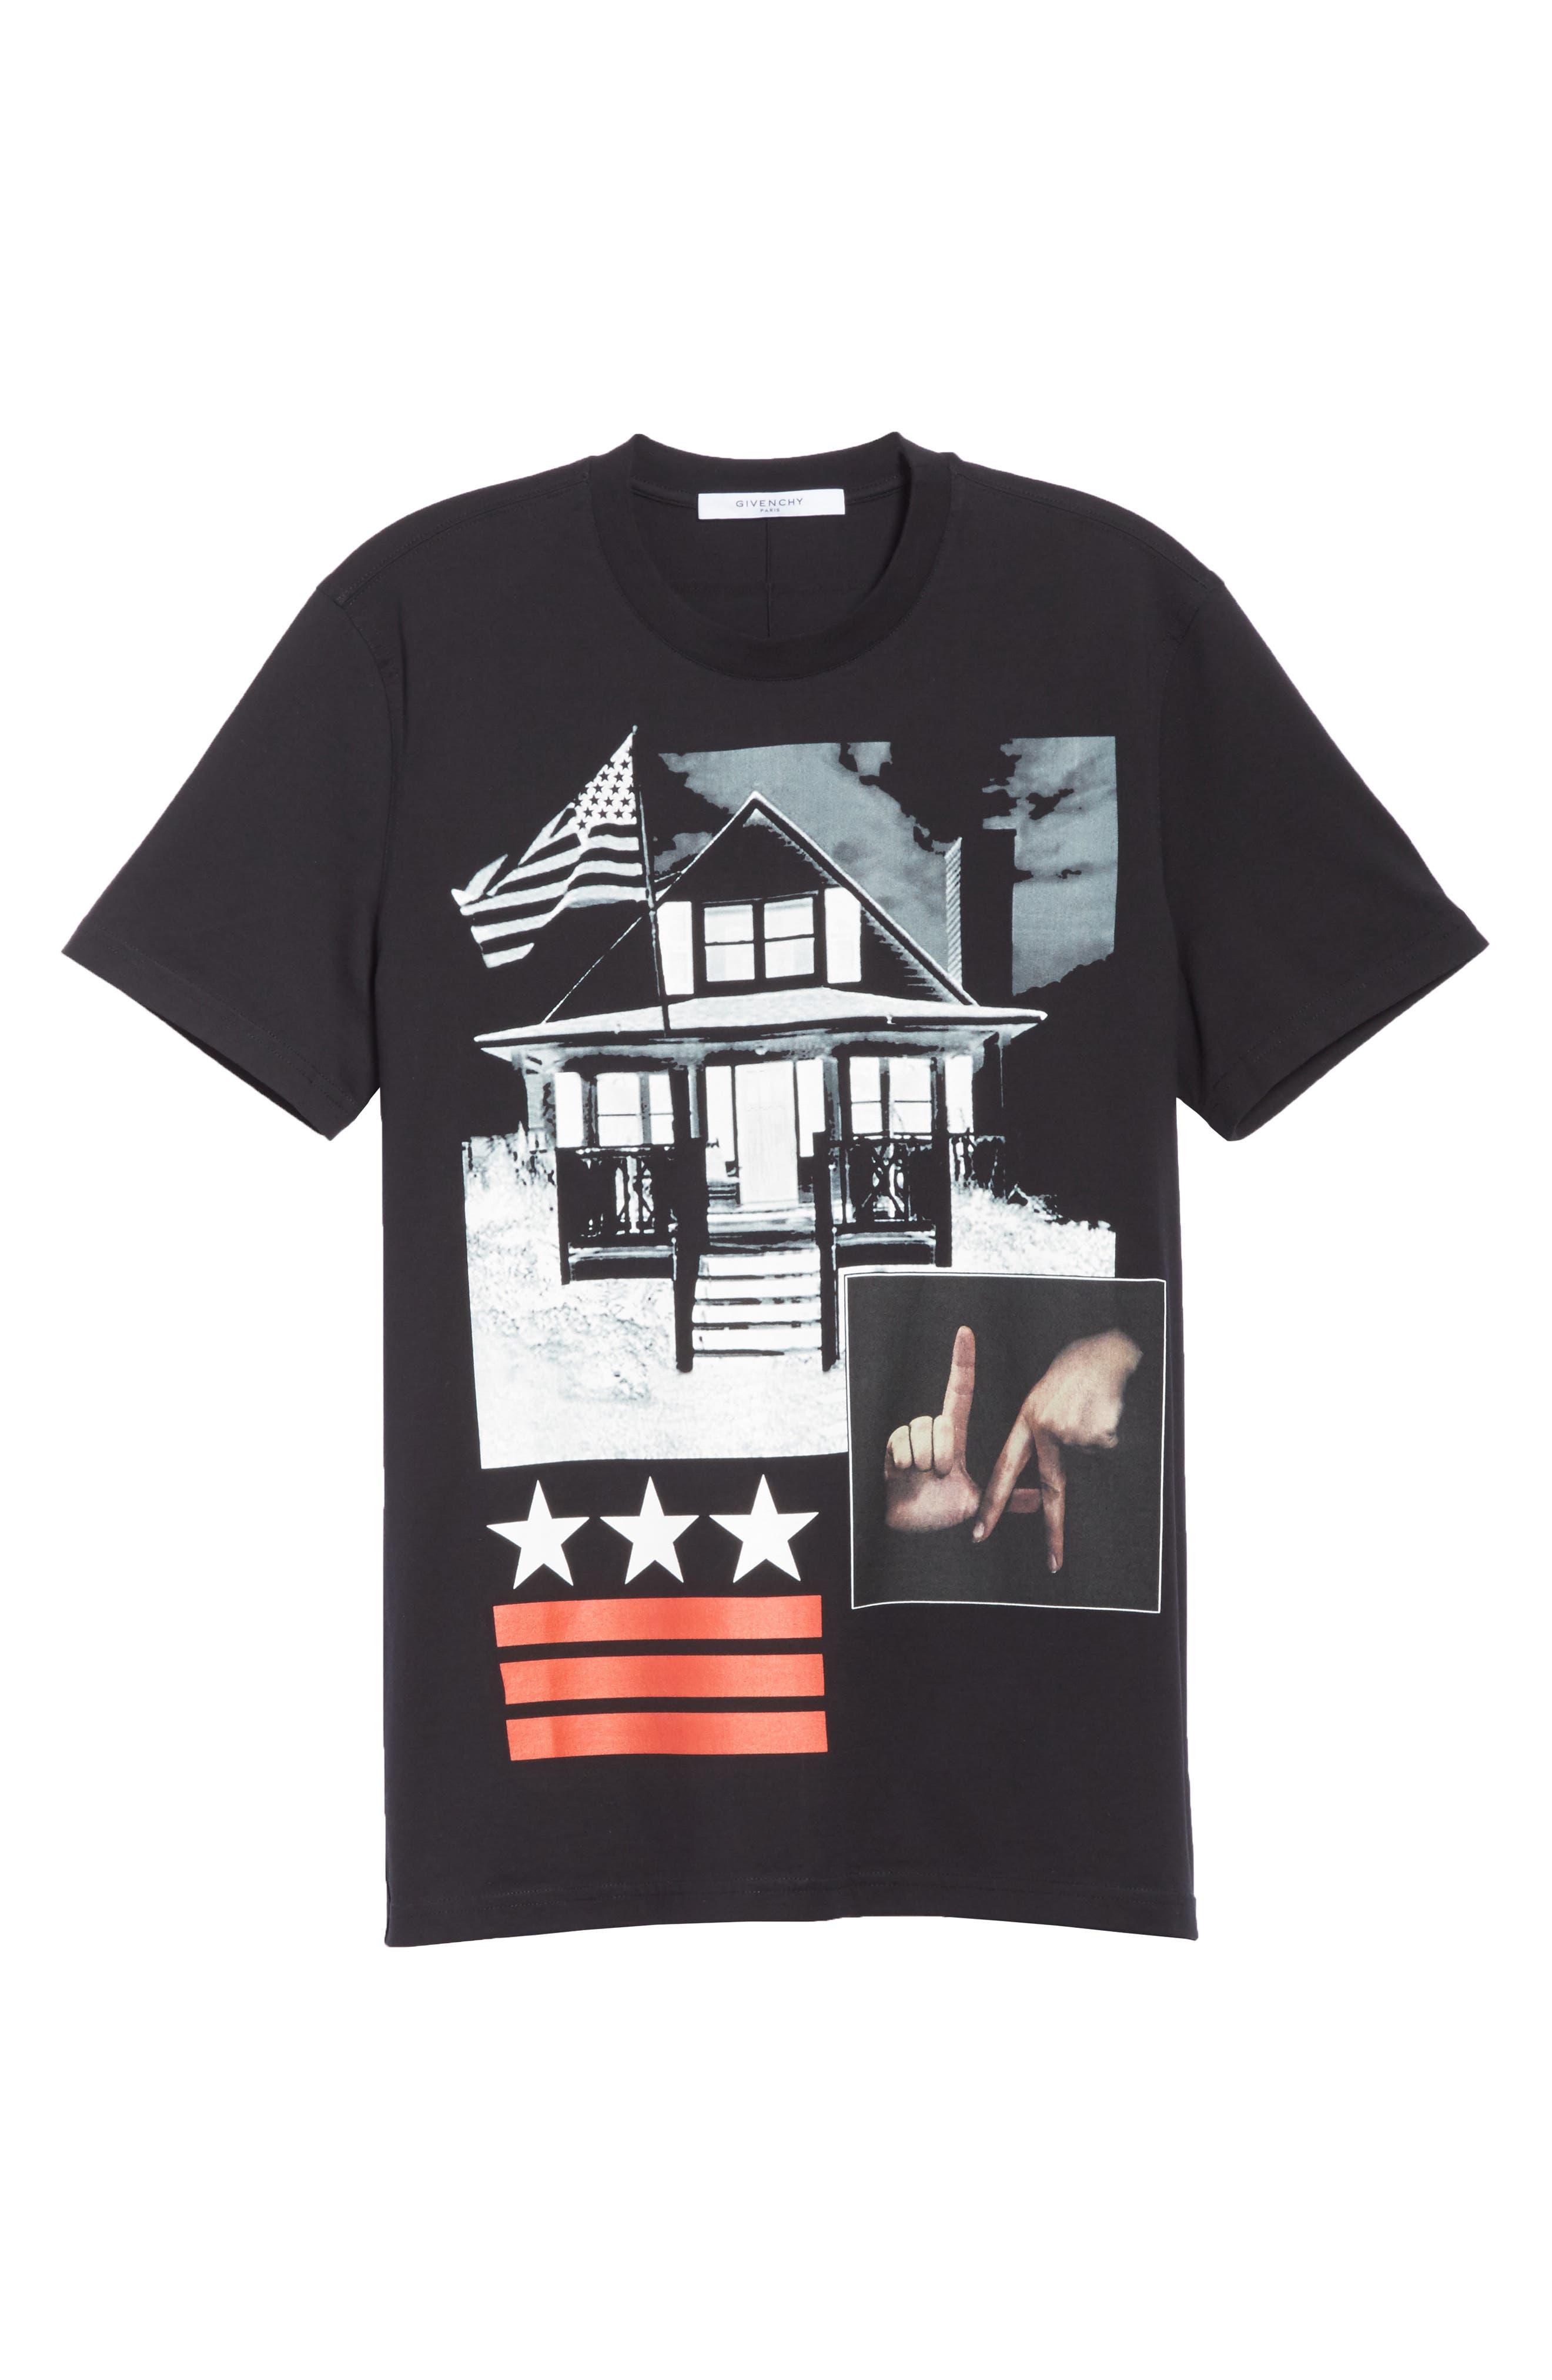 LA House Graphic T-Shirt,                             Alternate thumbnail 6, color,                             001